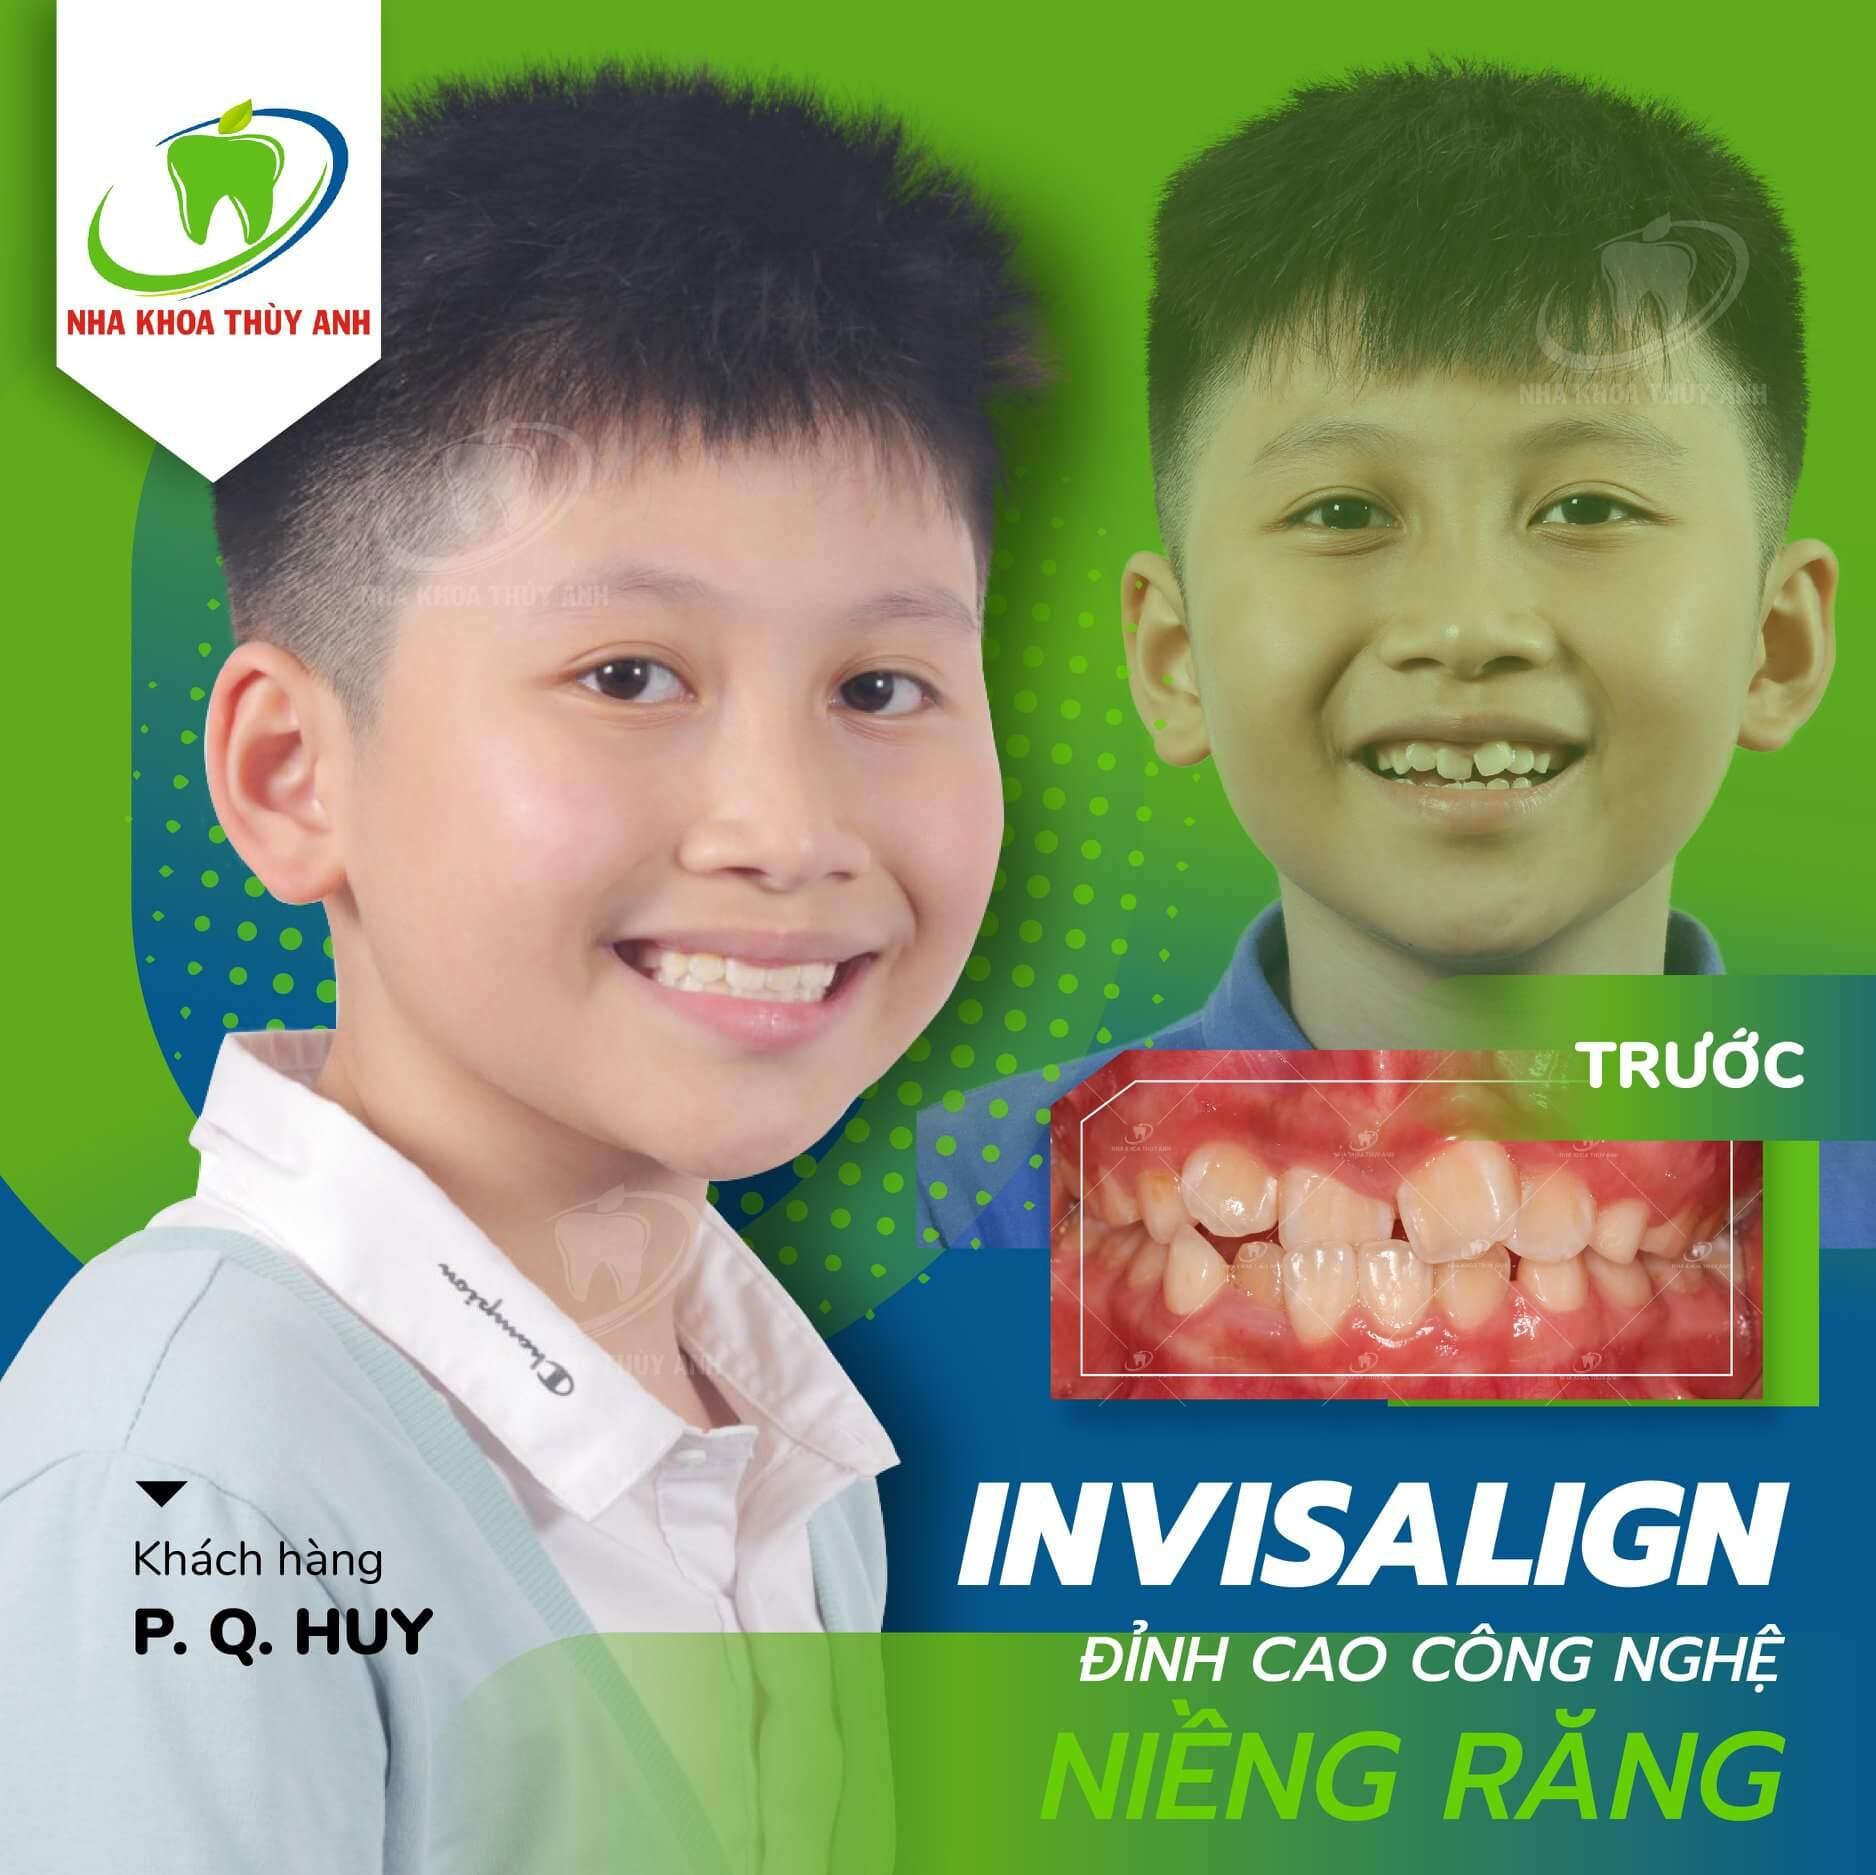 Niềng răng cho trẻ 13 tuổi ở đâu tốt nhất tại Hà Nội? Nha khoa Thùy Anh